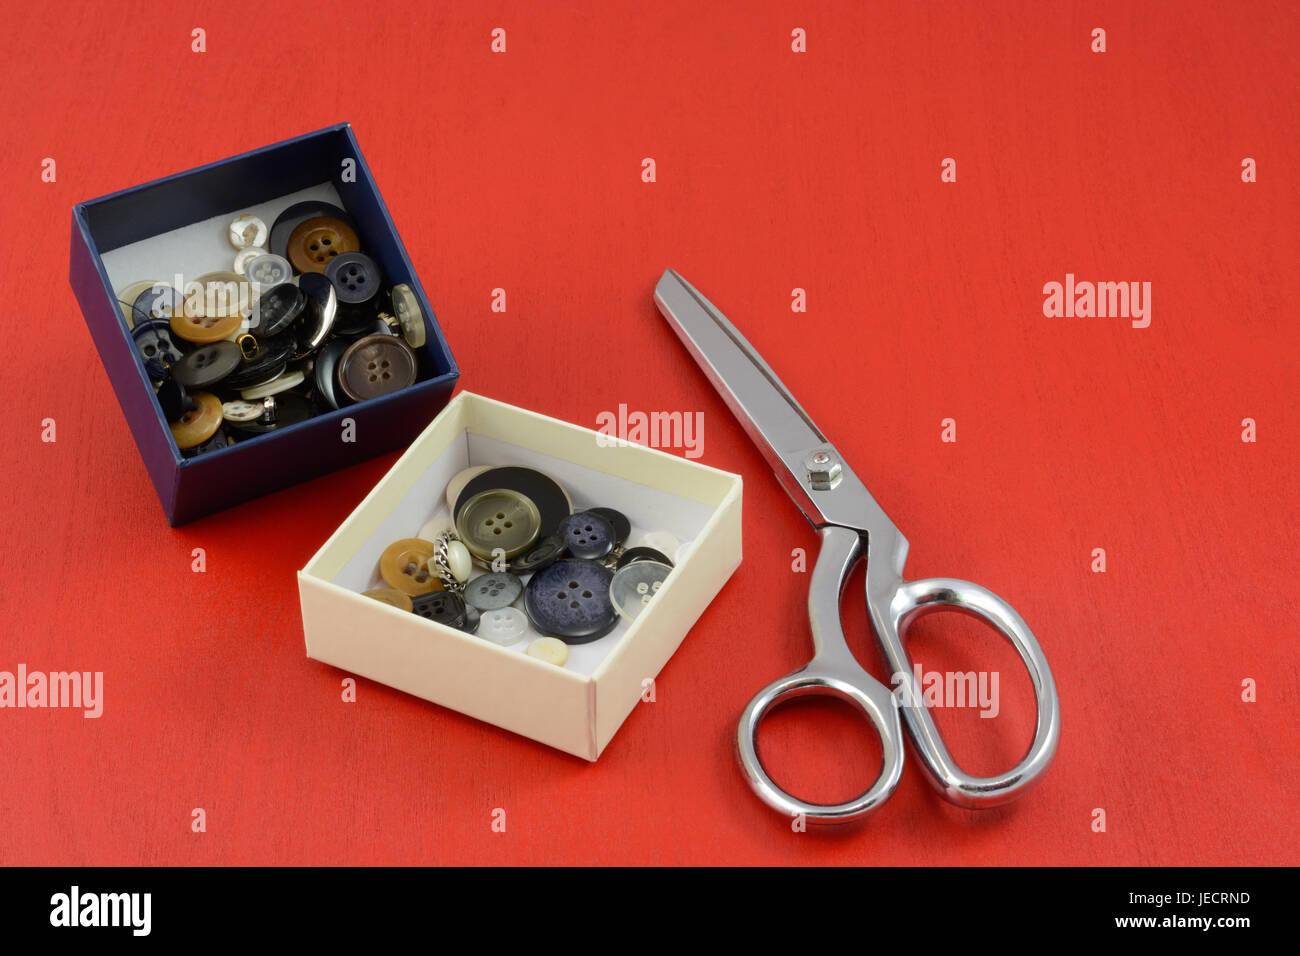 Sammlung von Schaltflächen in weißen und blauen Boxen und Metallscheren auf rotem Grund aus Holz Stockfoto